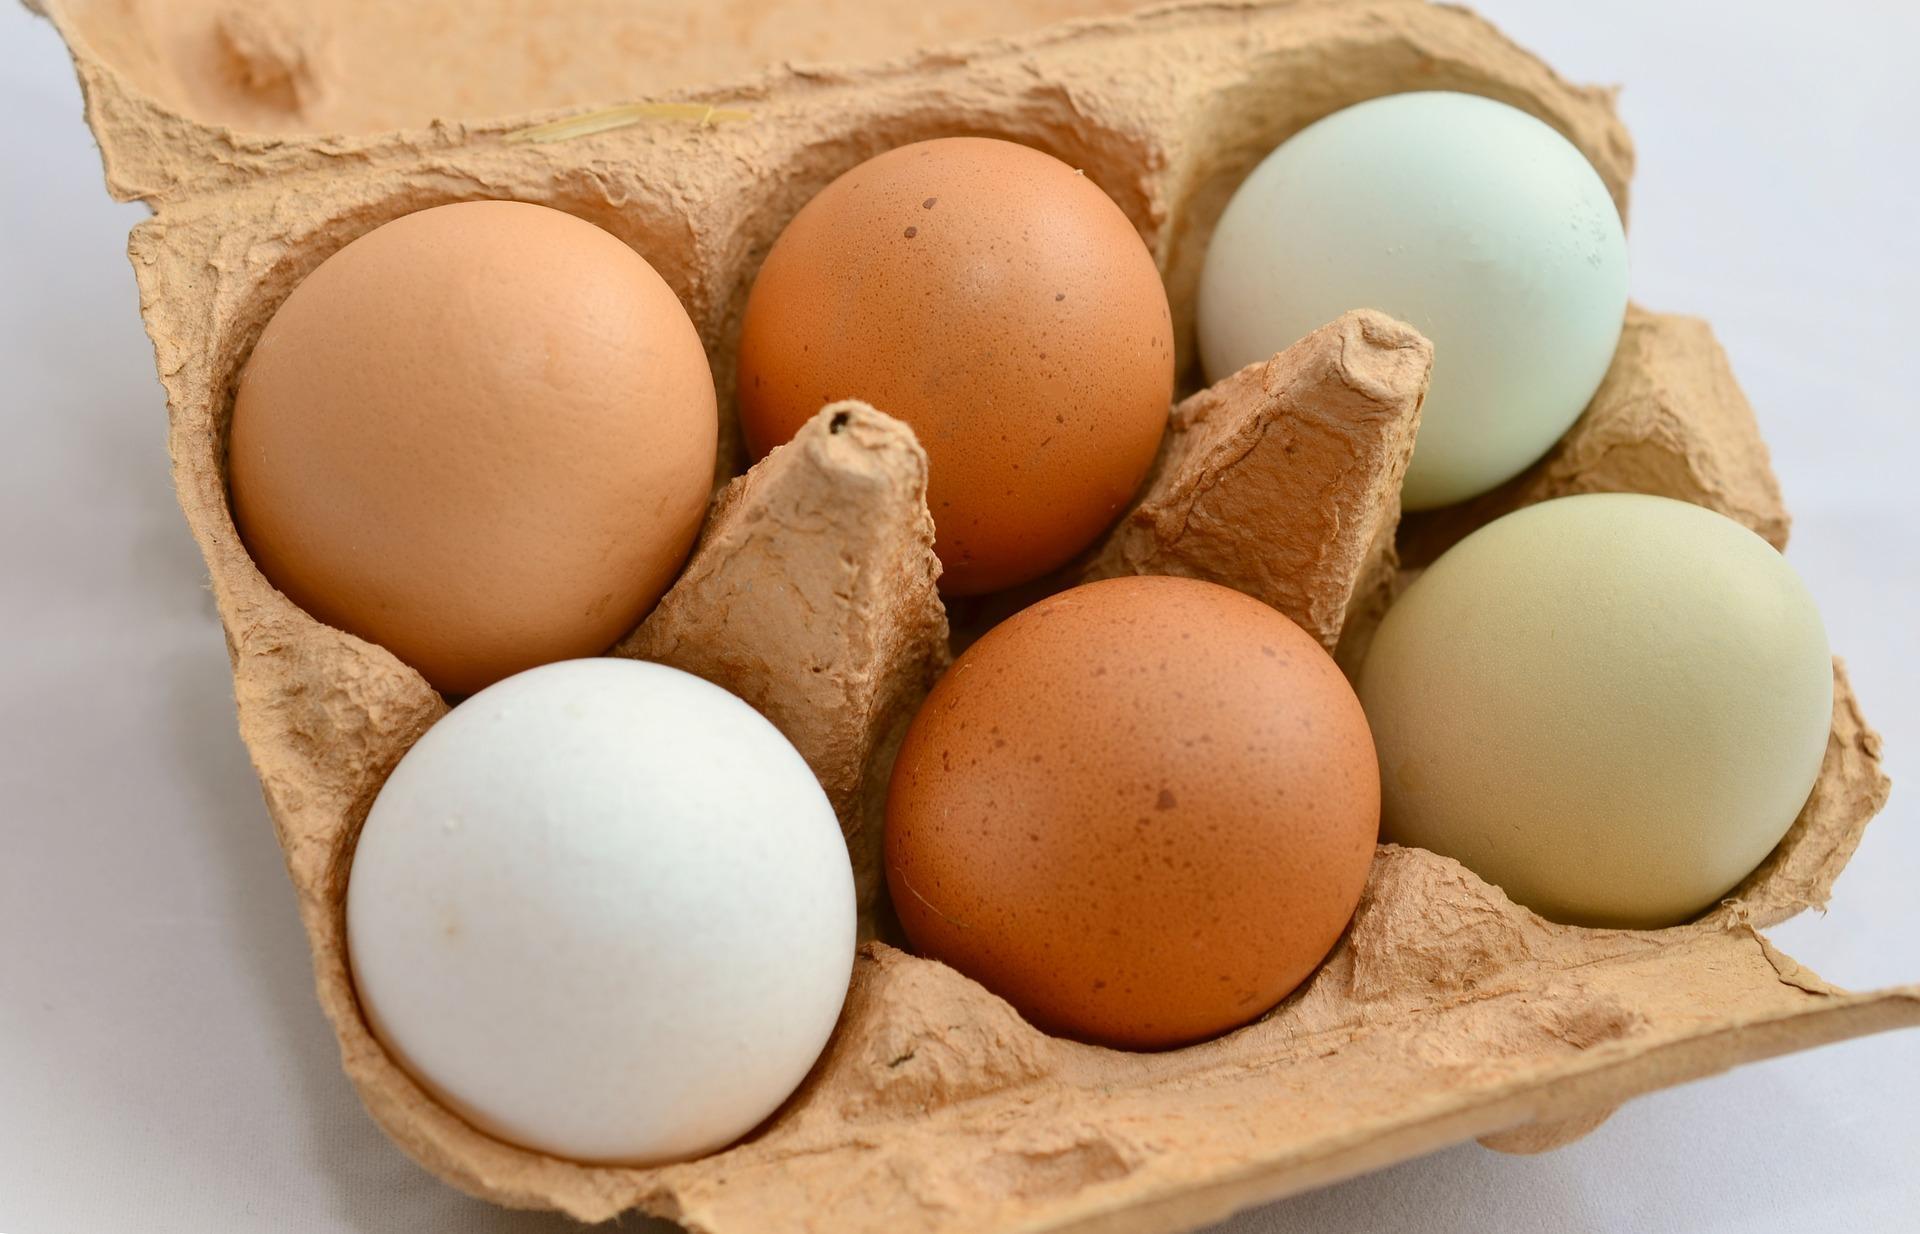 آخرین تغییرات قیمت تخم مرغ در بازار